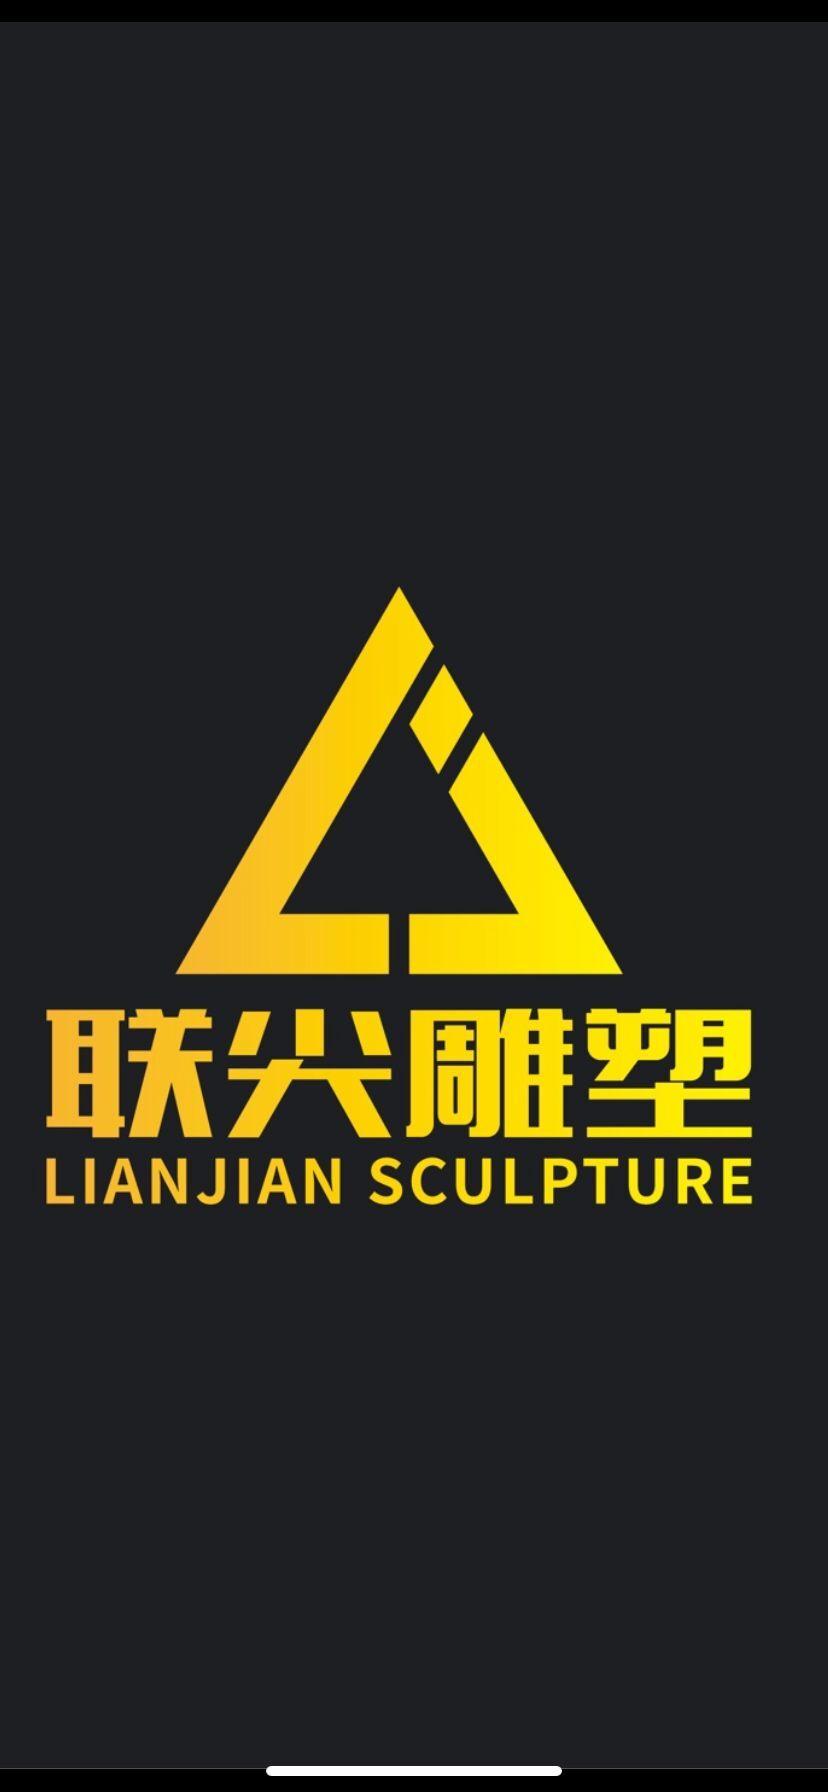 佛山市聯尖雕塑有限公司